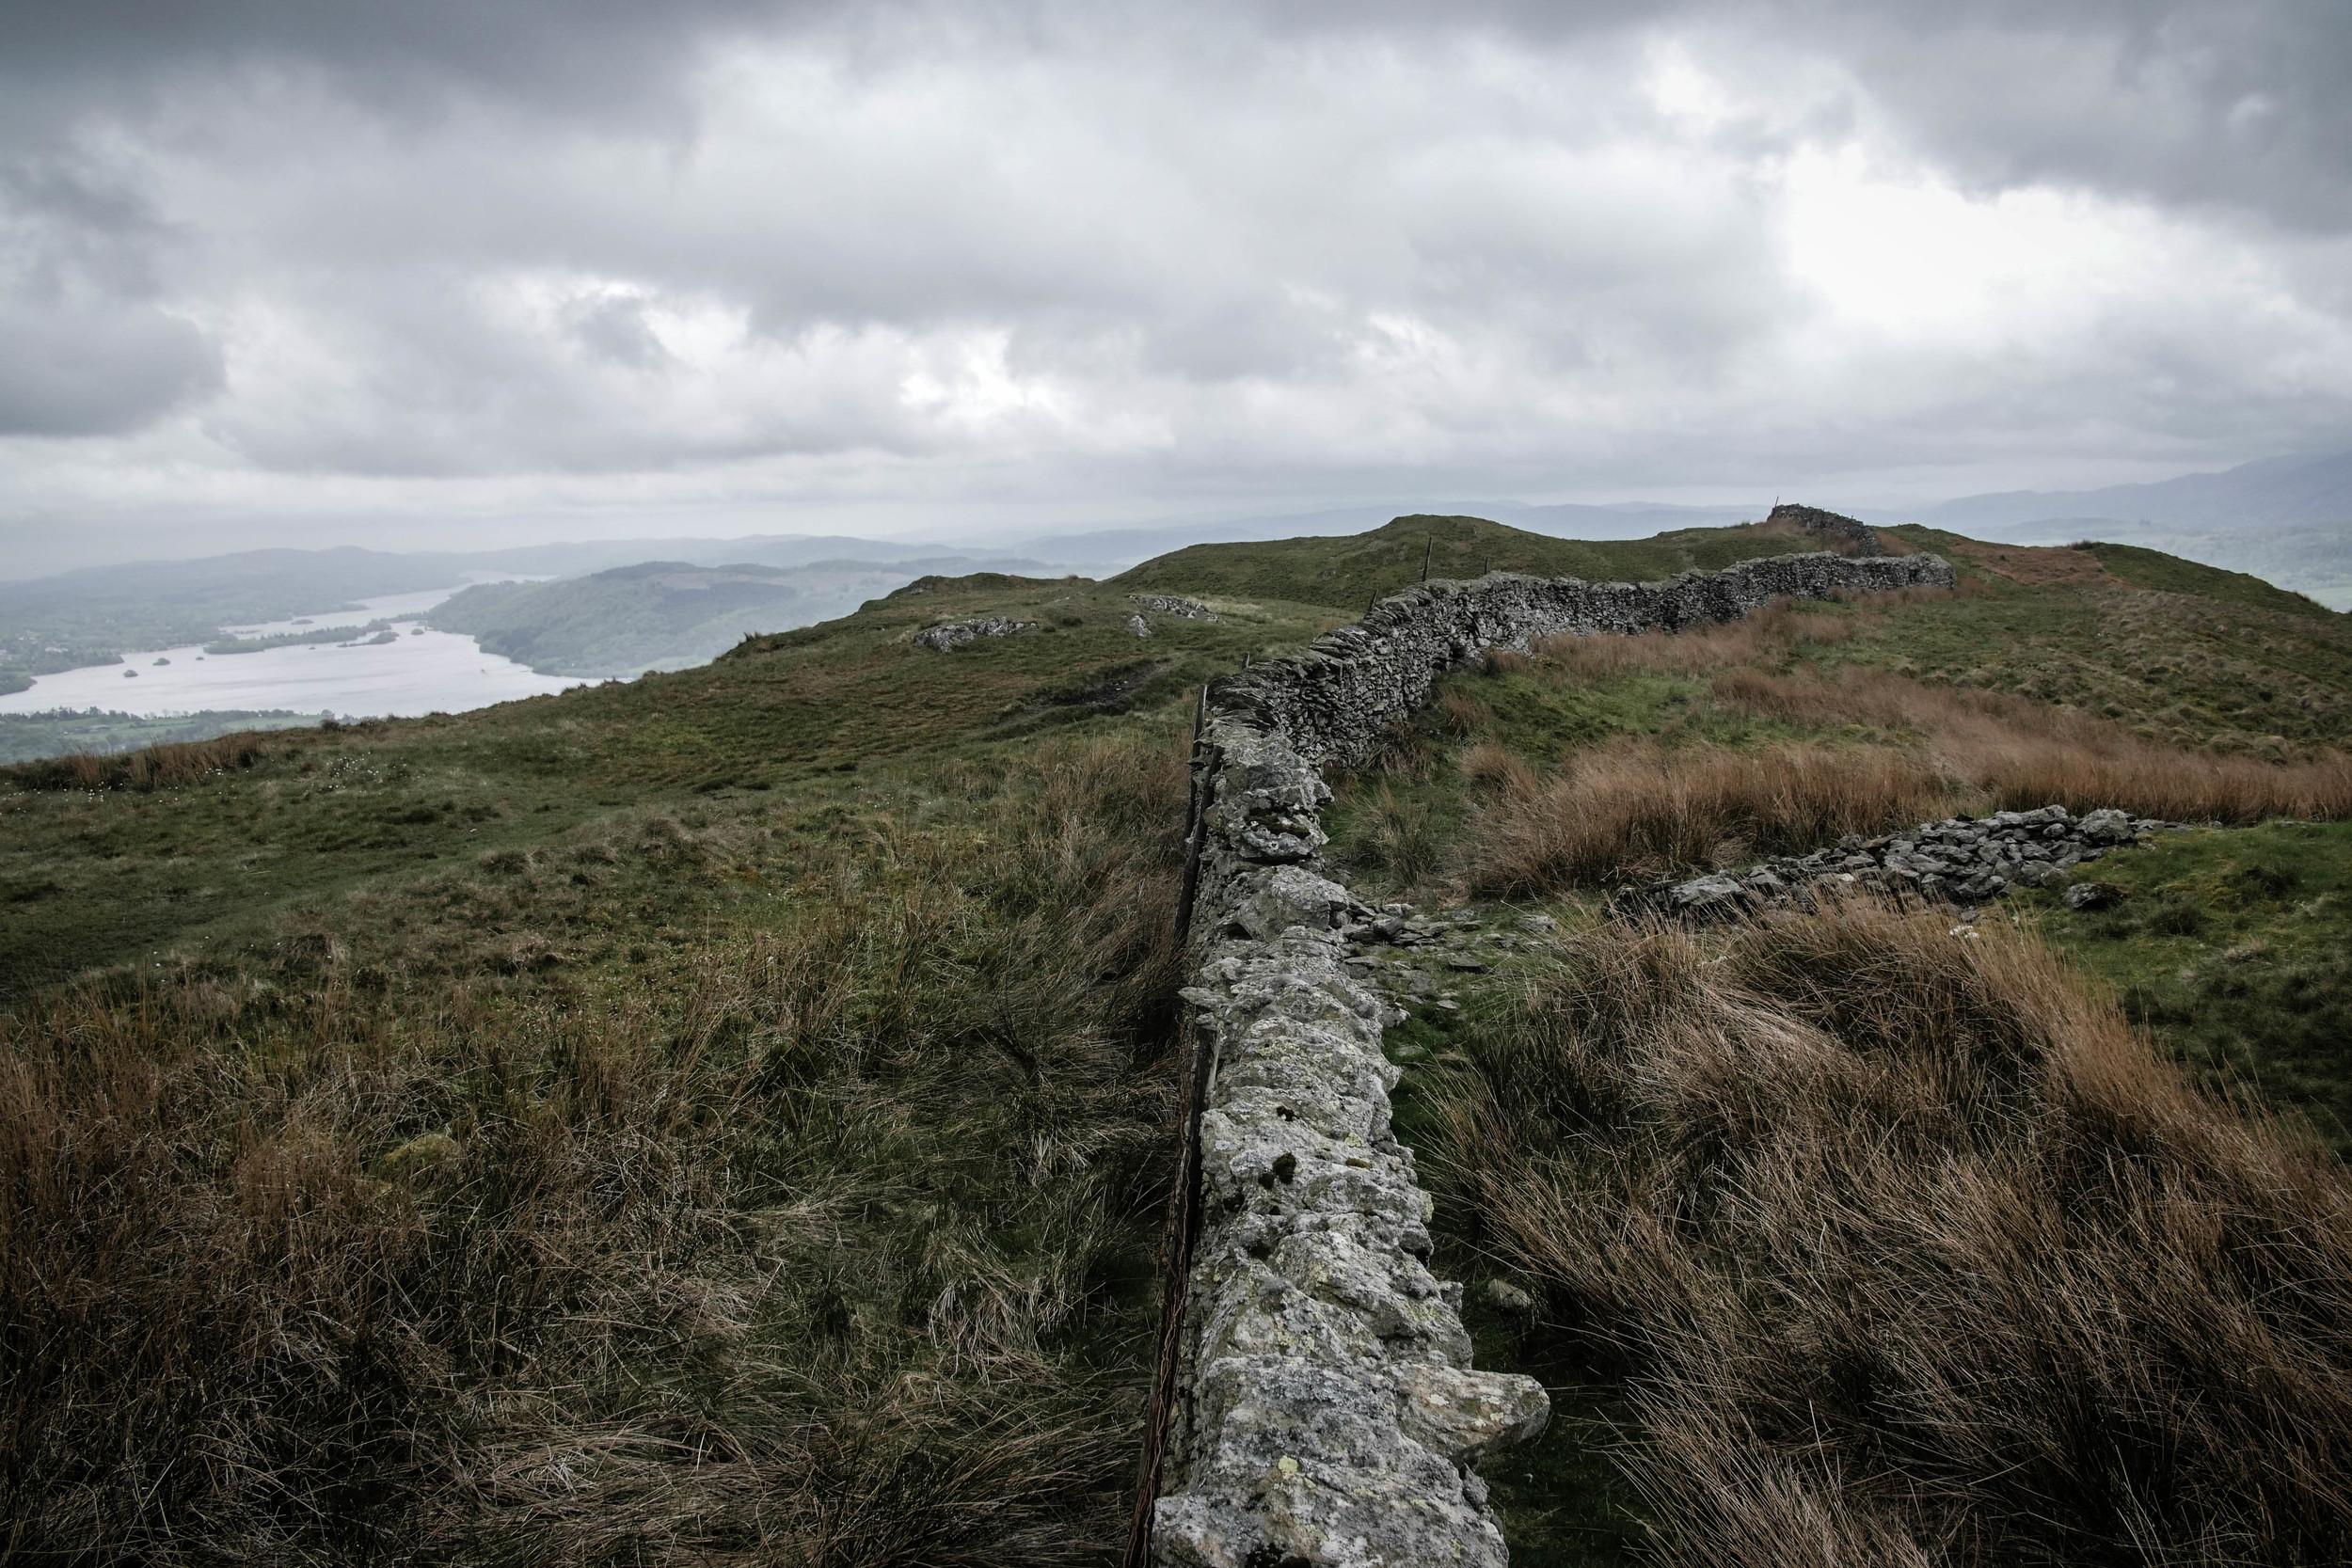 stone-wall-lake-district-landscape